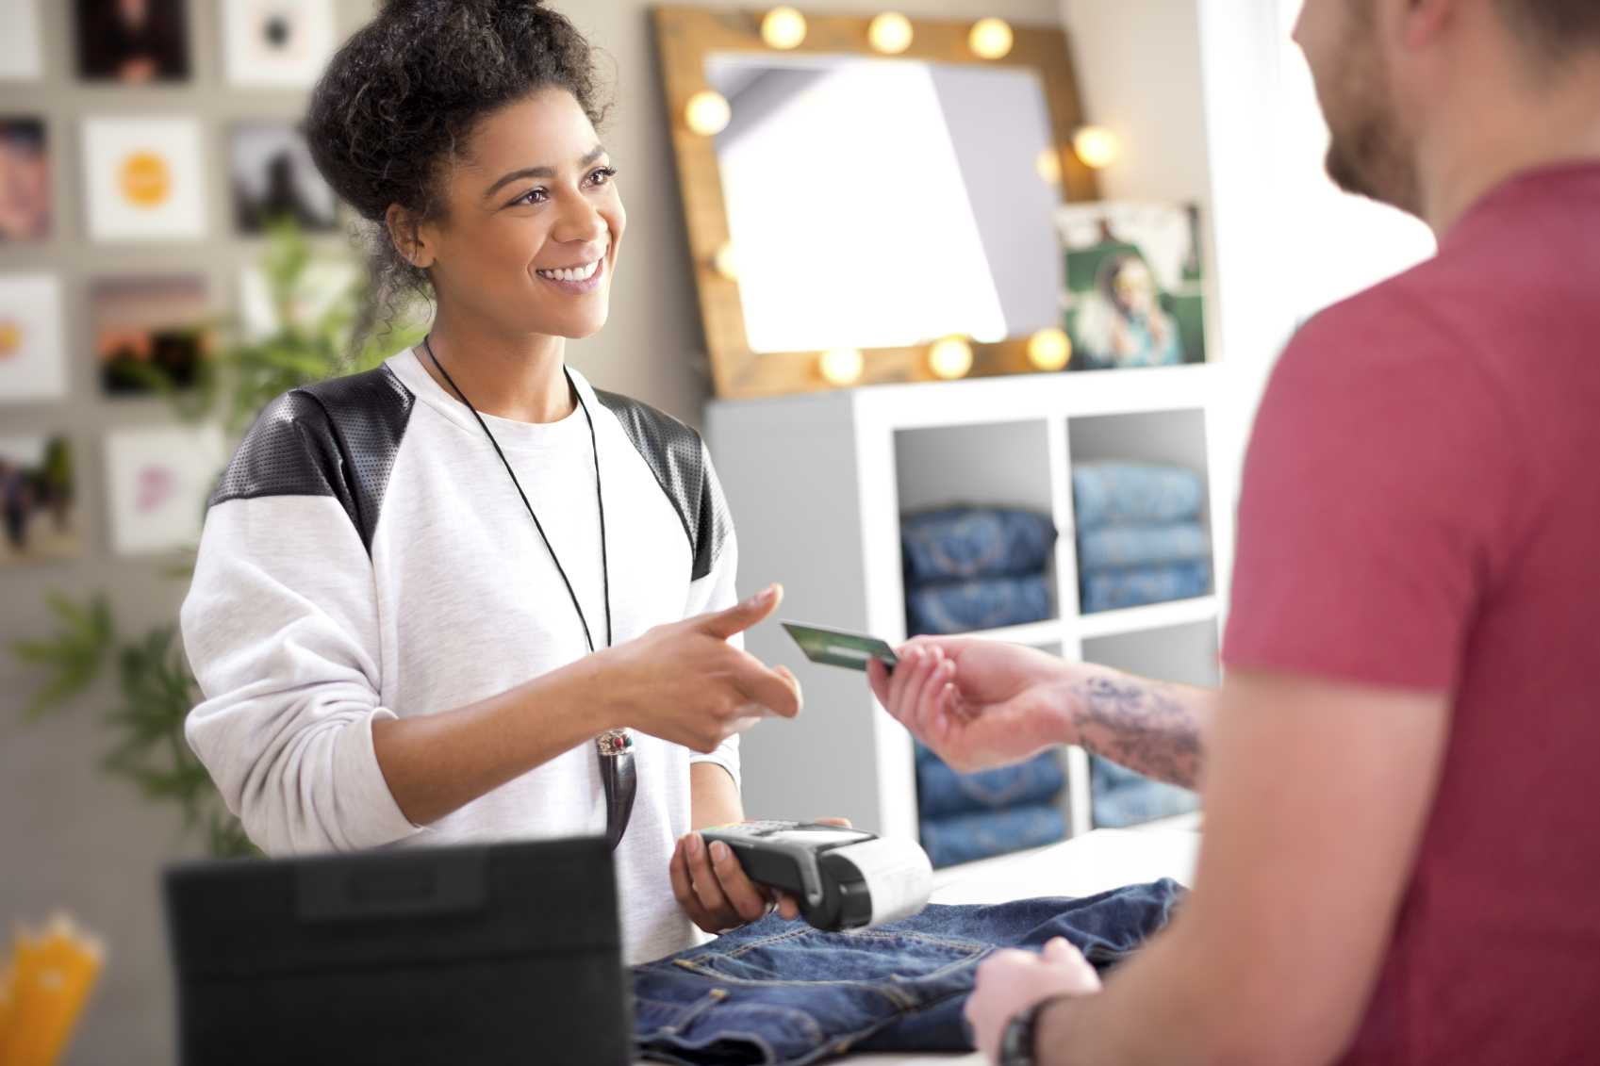 Vendas de fim de ano: 4 motivos para contar com um ERP